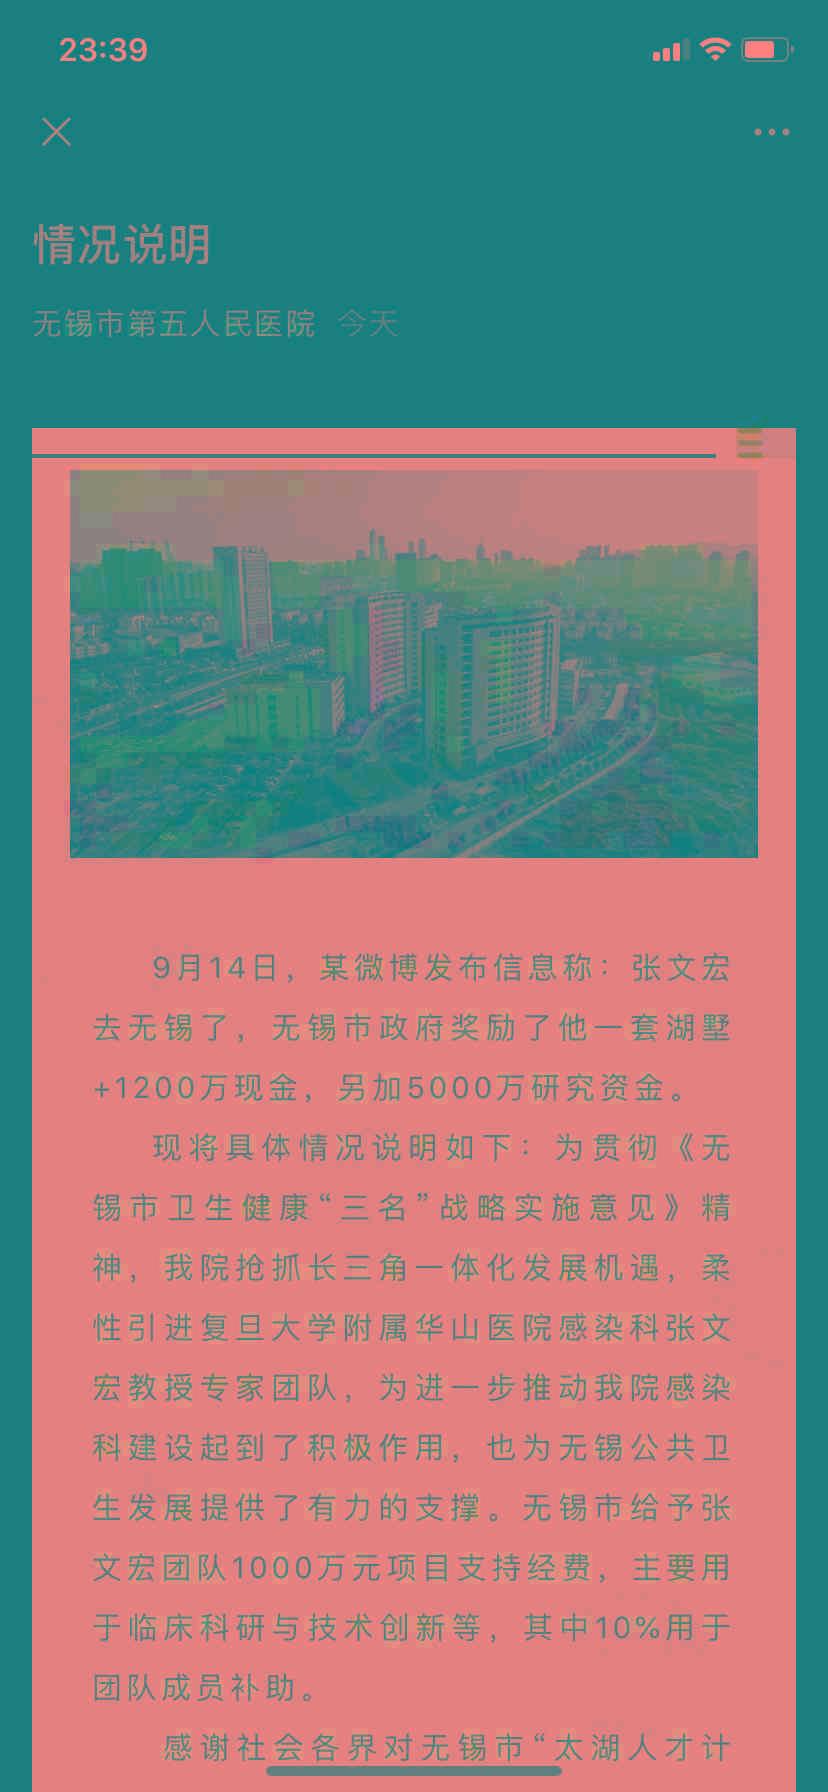 张文宏去无锡了,还获赠湖边别墅+千万现金?回应来了…